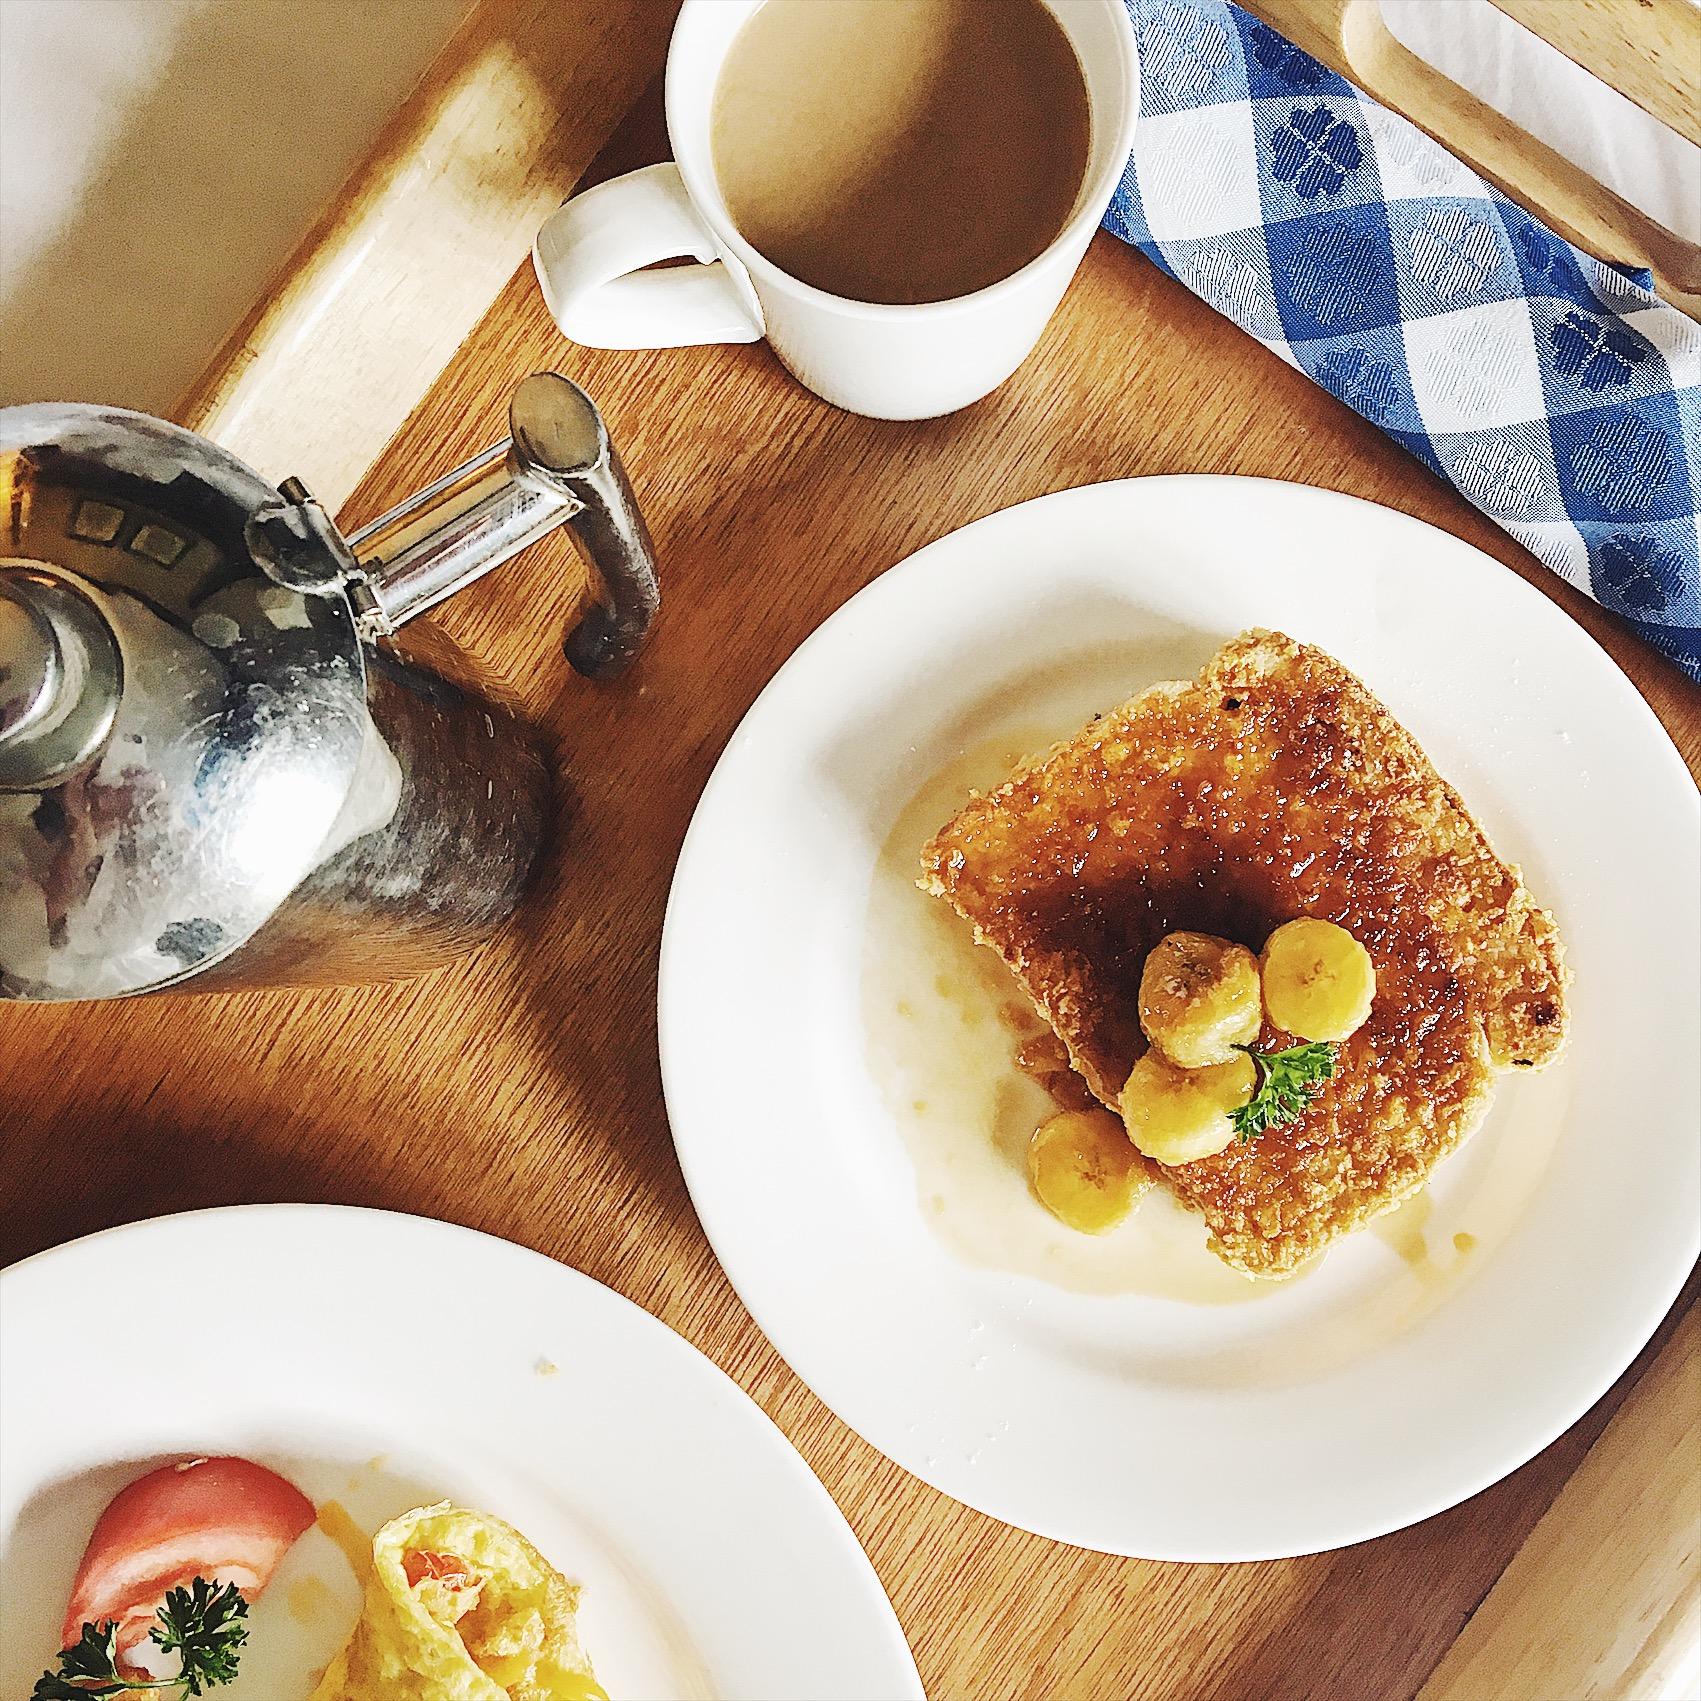 Breakfast in bed. Yes, please!